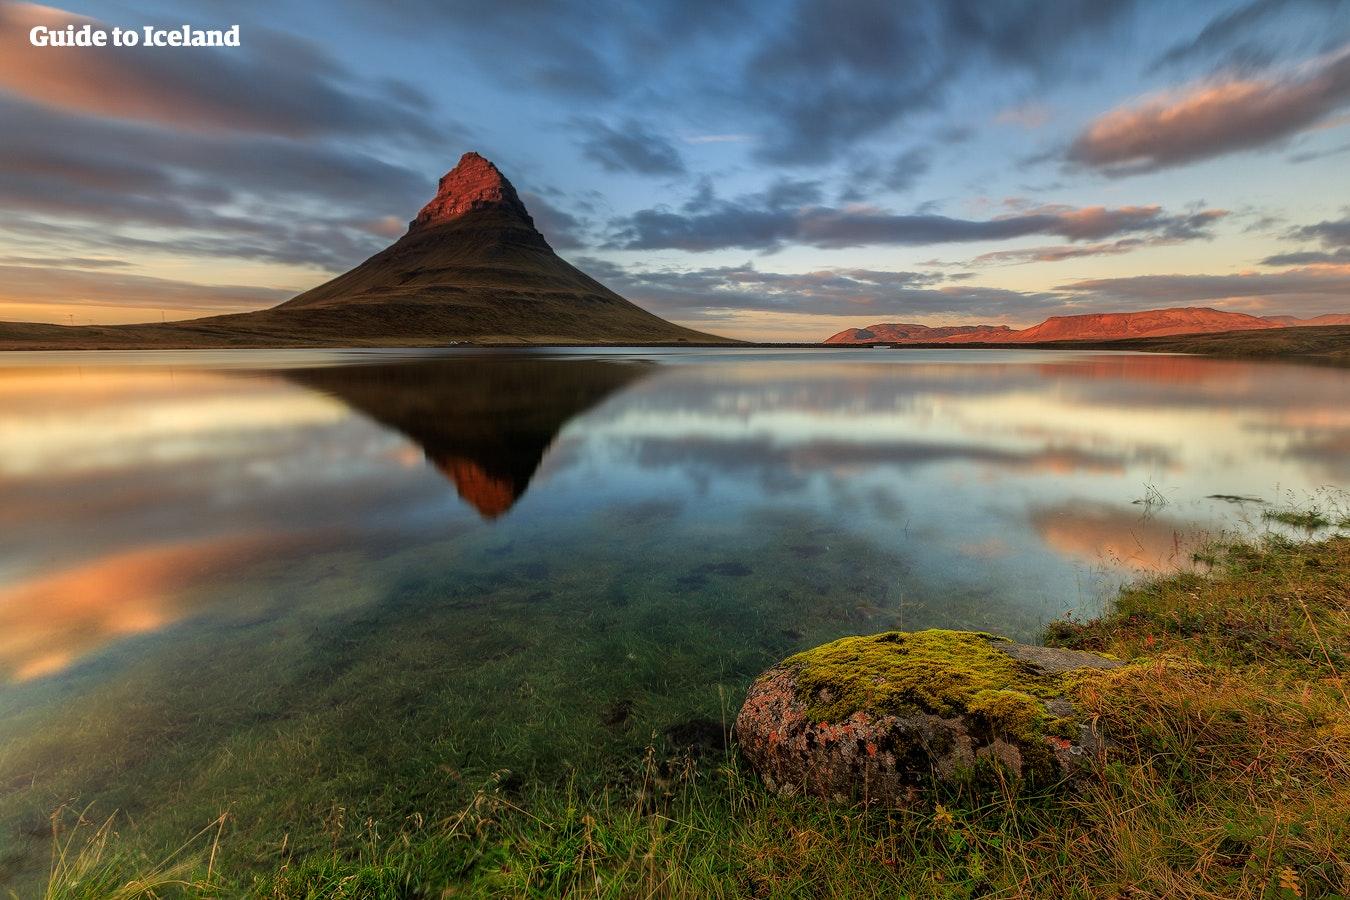 斯奈山半岛的草帽山是被拍摄的最多的冰岛山川,位于格伦达菲厄泽小镇旁